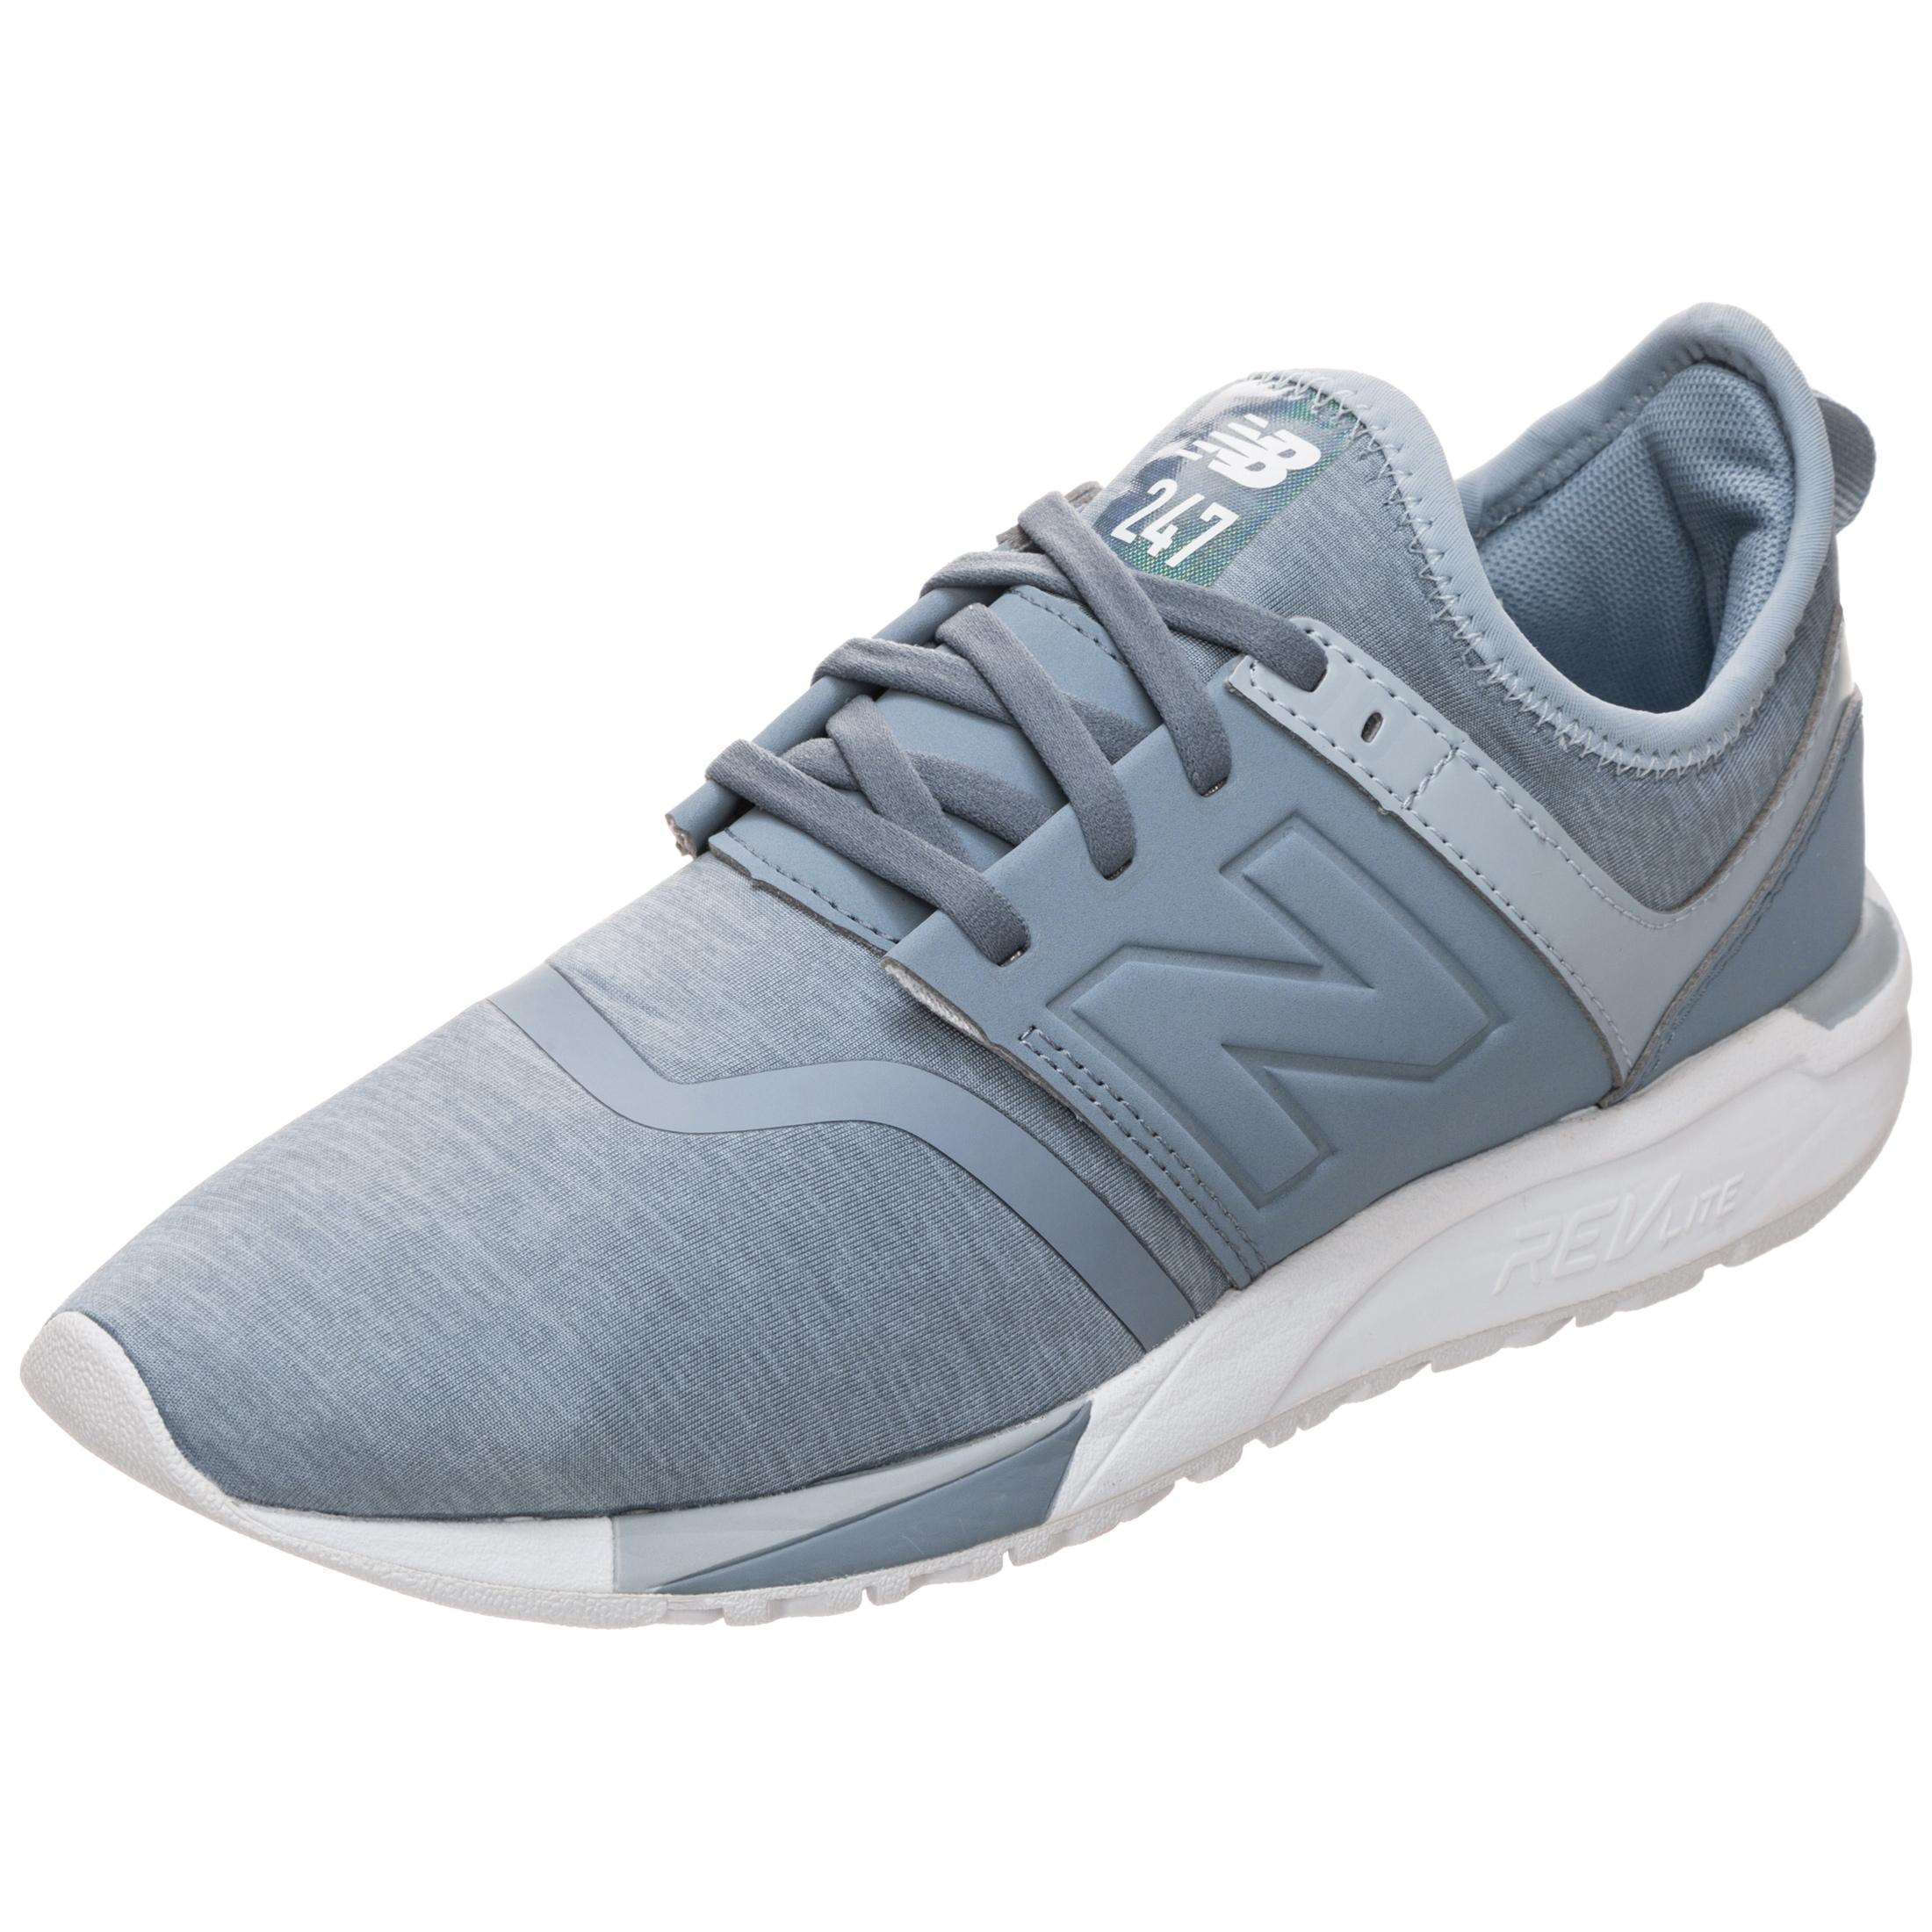 NEW BALANCE WRL247-YE-B Sneaker Damen blaugrau / weiß im Online Shop von SportScheck kaufen Gute Qualität beliebte Schuhe